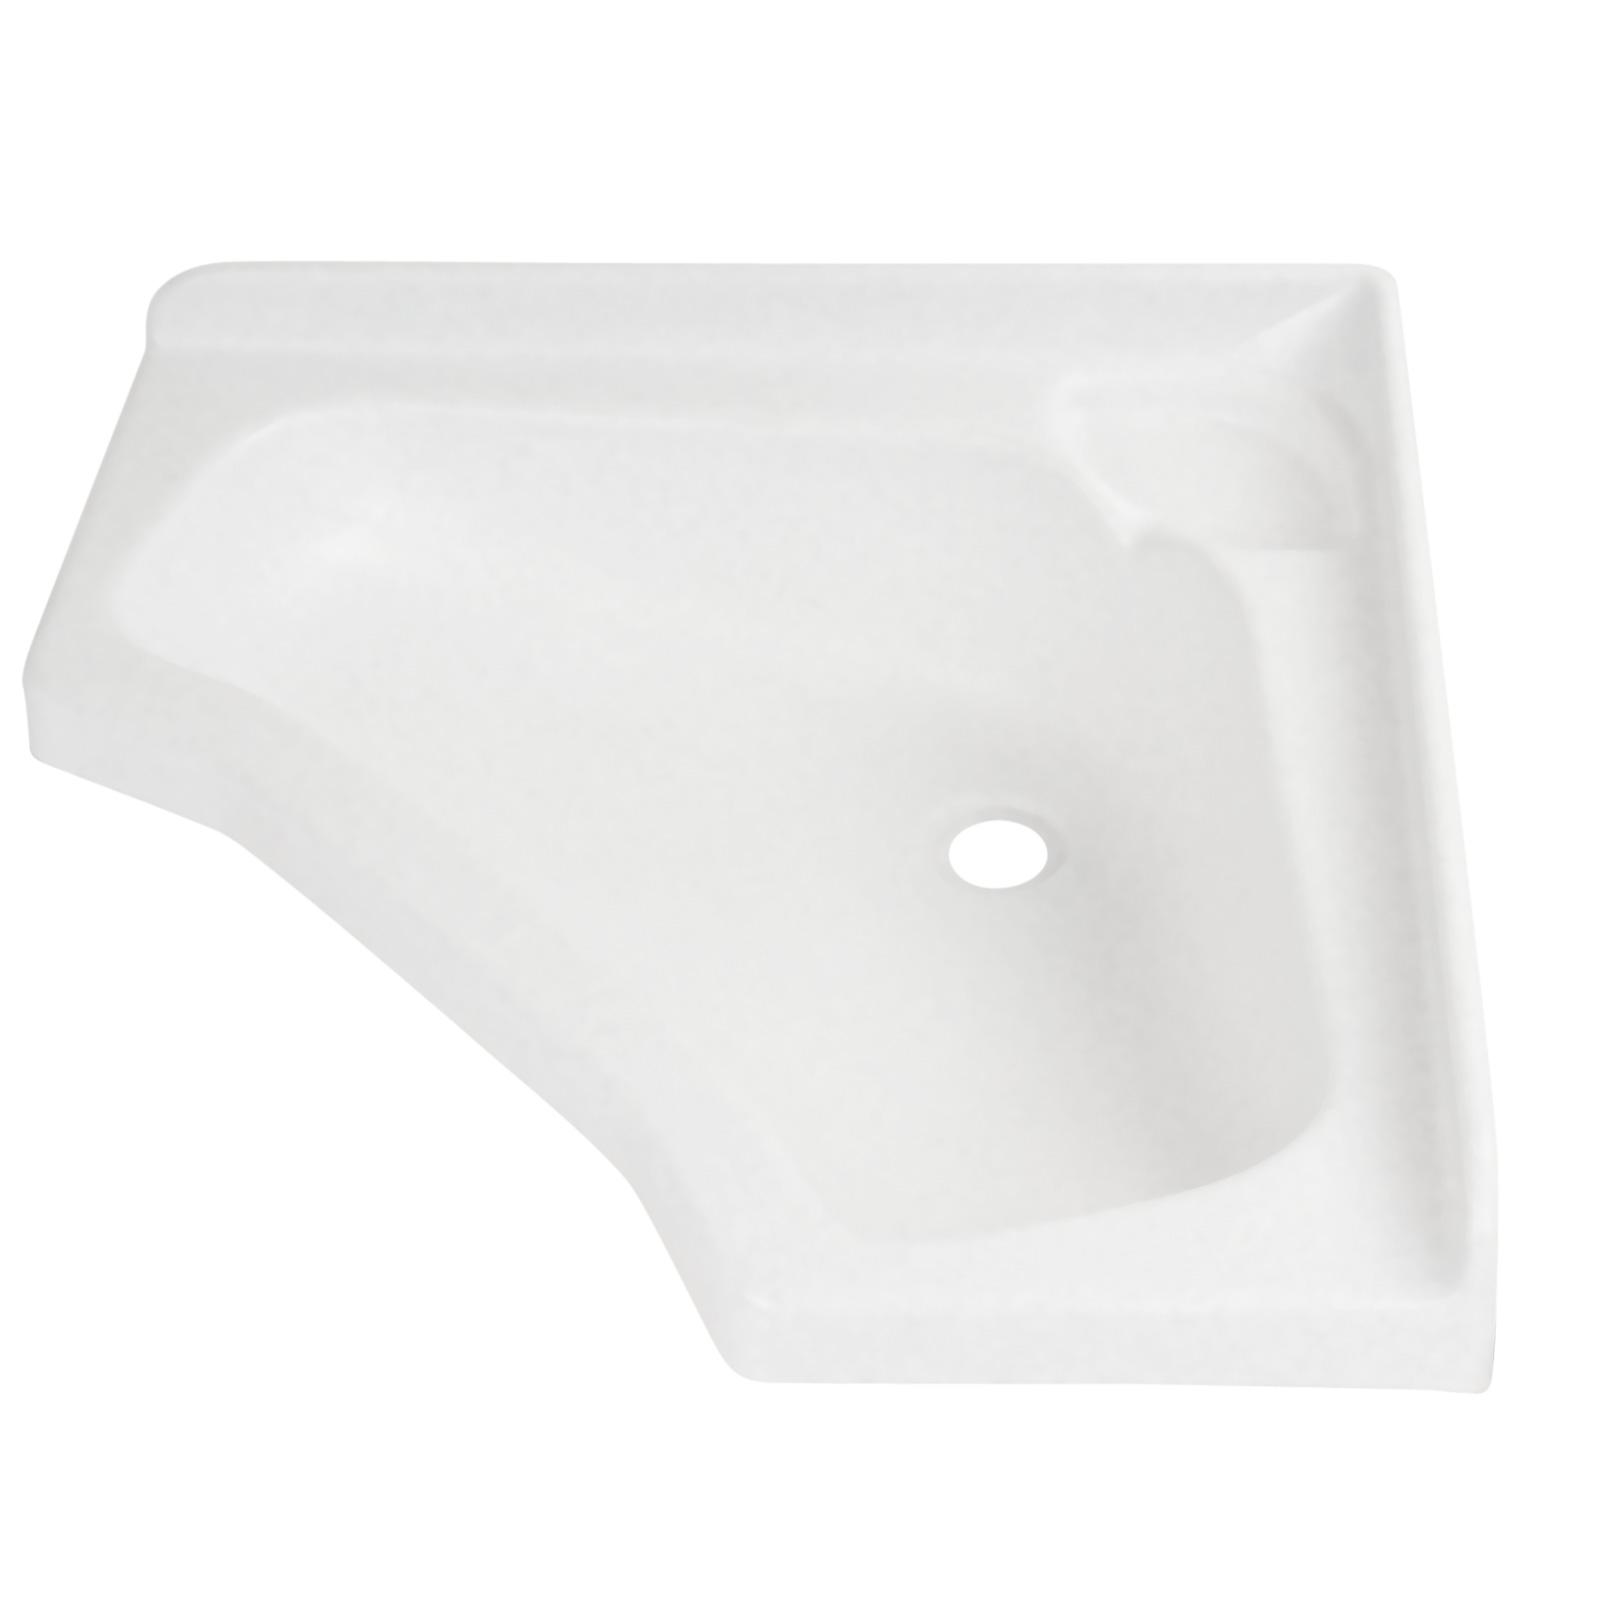 Eckwaschbecken klein 44 x 44 x 16 cm, Kunststoff, weiß